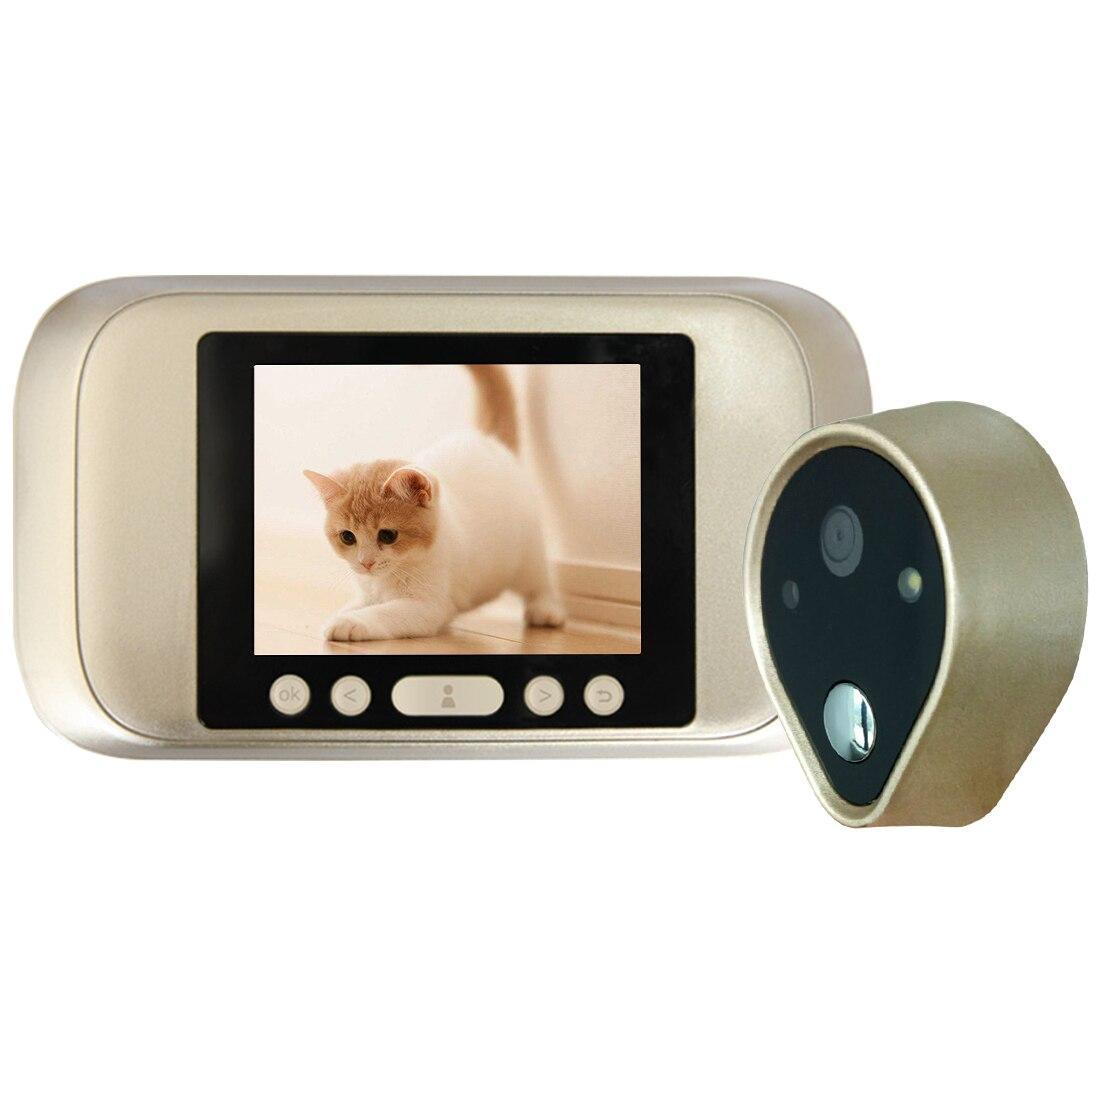 3.2 pouce LCD Électronique Sonnette De La Porte 720 p HD Vidéo Numérique Judas Spectateur Caméra de Porte Sonnette Sécurité À La Maison Mini Caméra